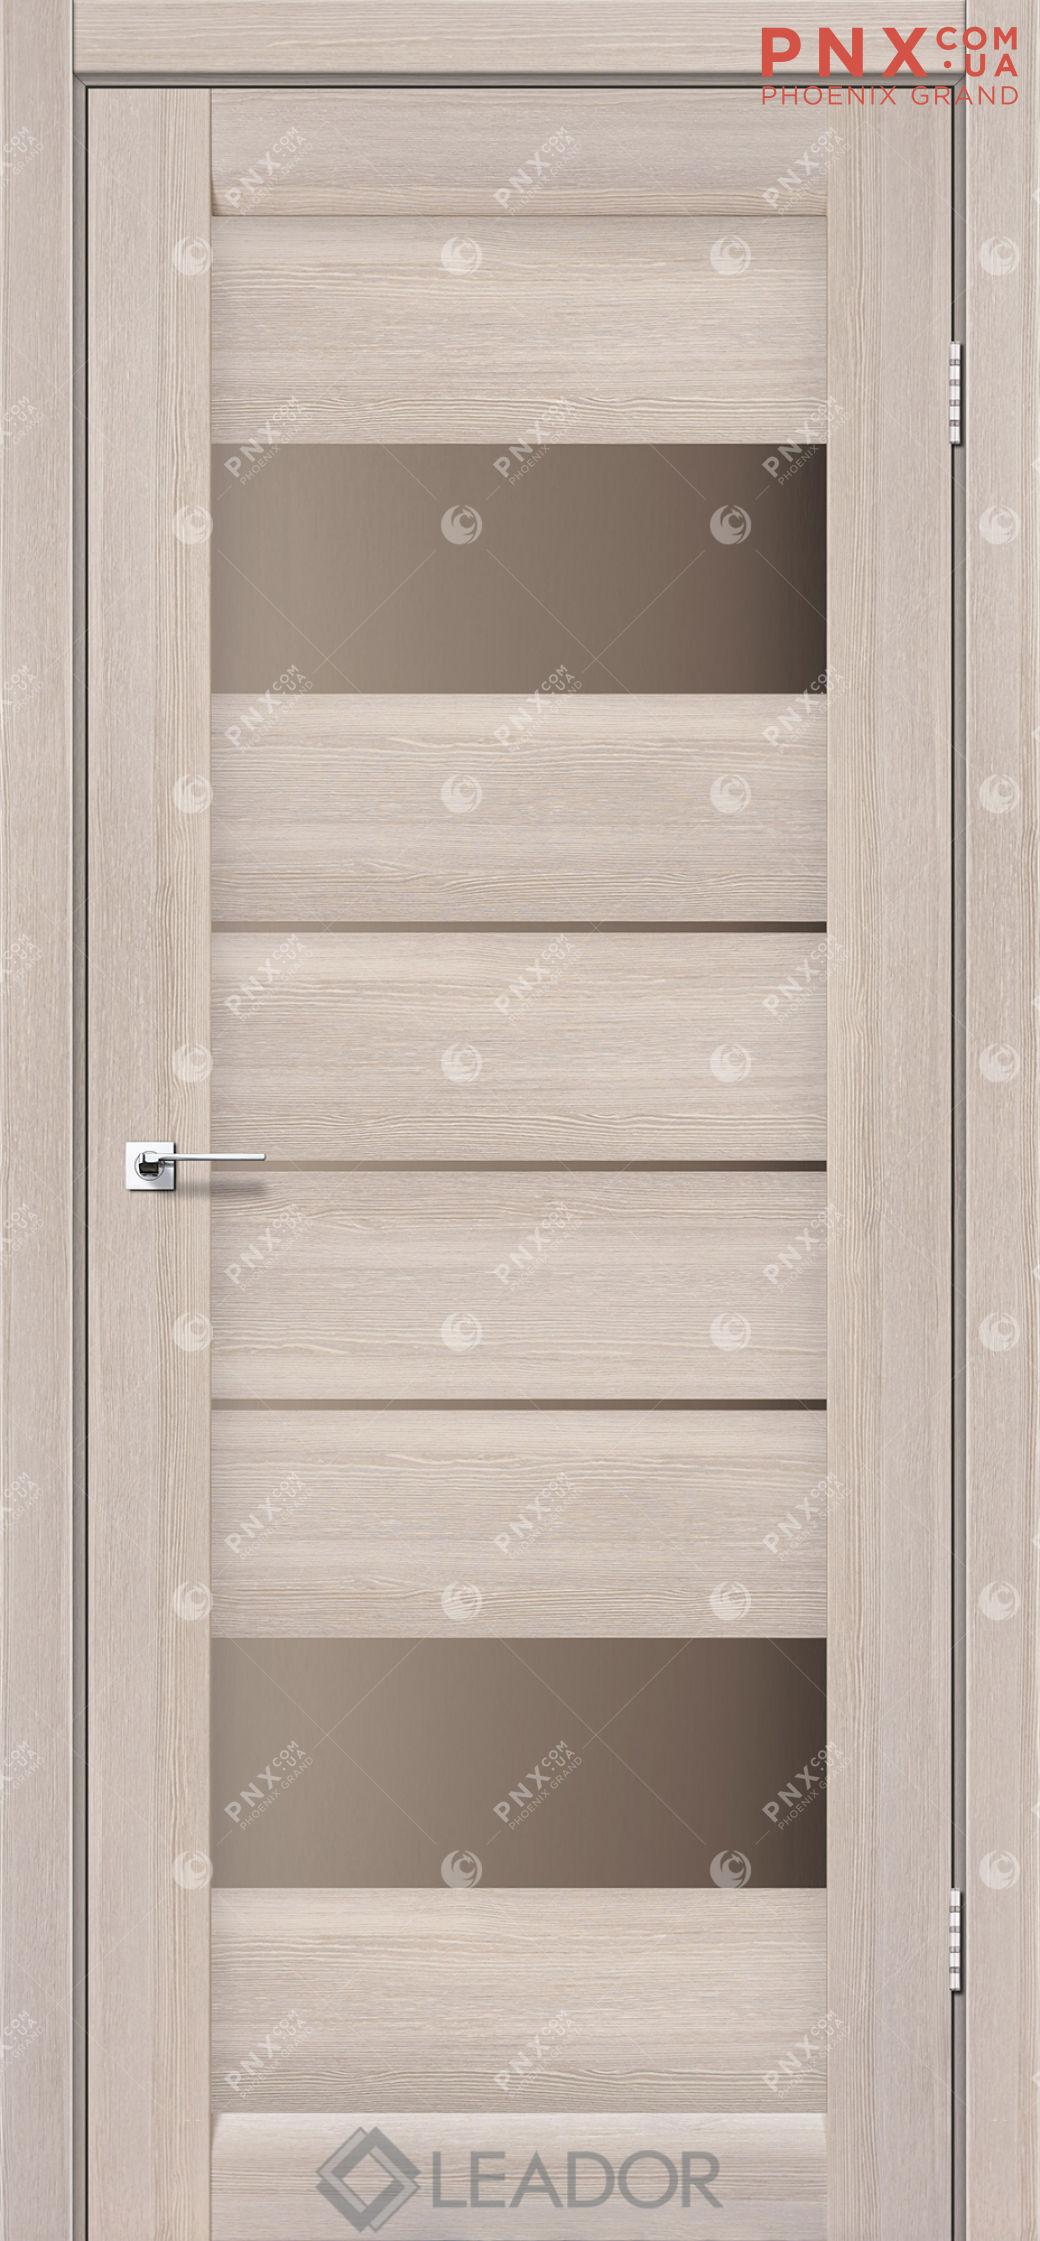 Межкомнатная дверь LEADOR Arona, Монблан, Стекло сатин бронза